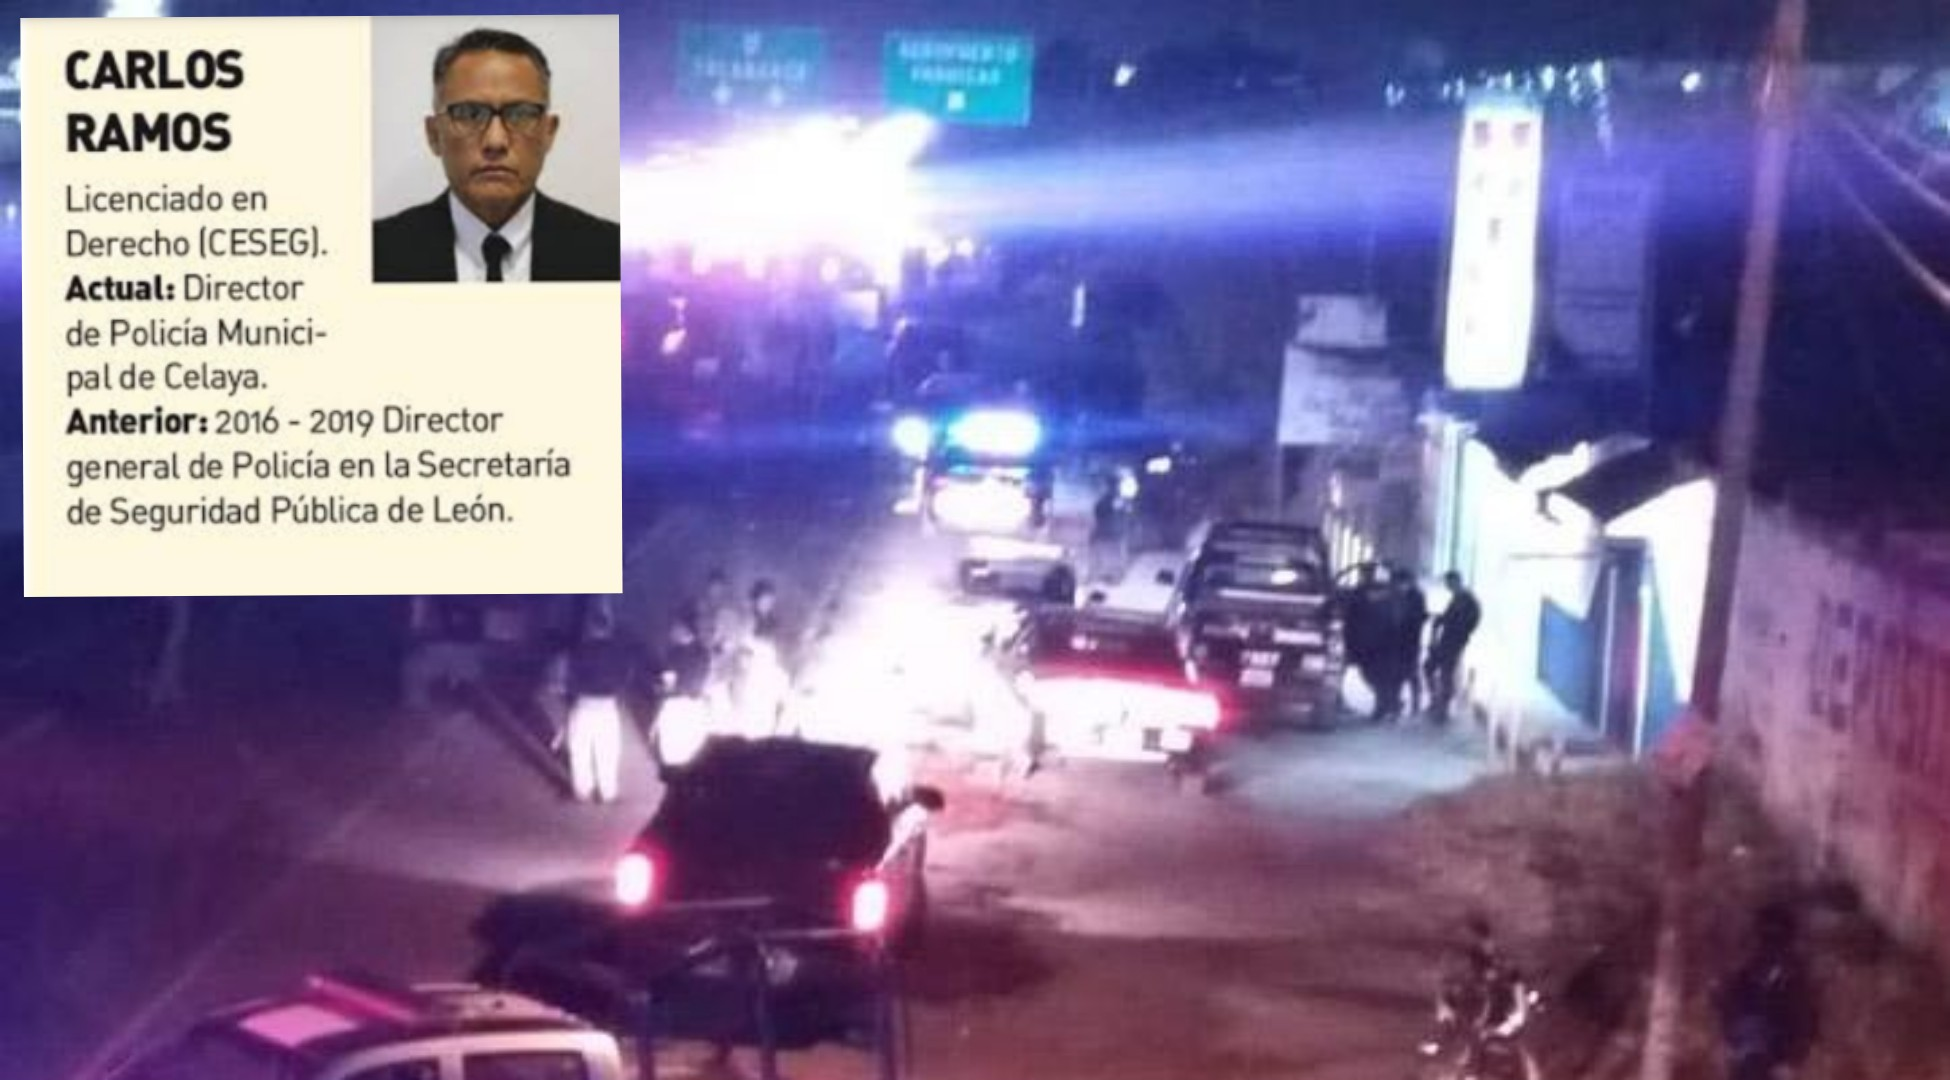 EMBOSCAN A DIRECTOR DE LA POLICÍA DE CELAYA, RESULTA ILESO. 2